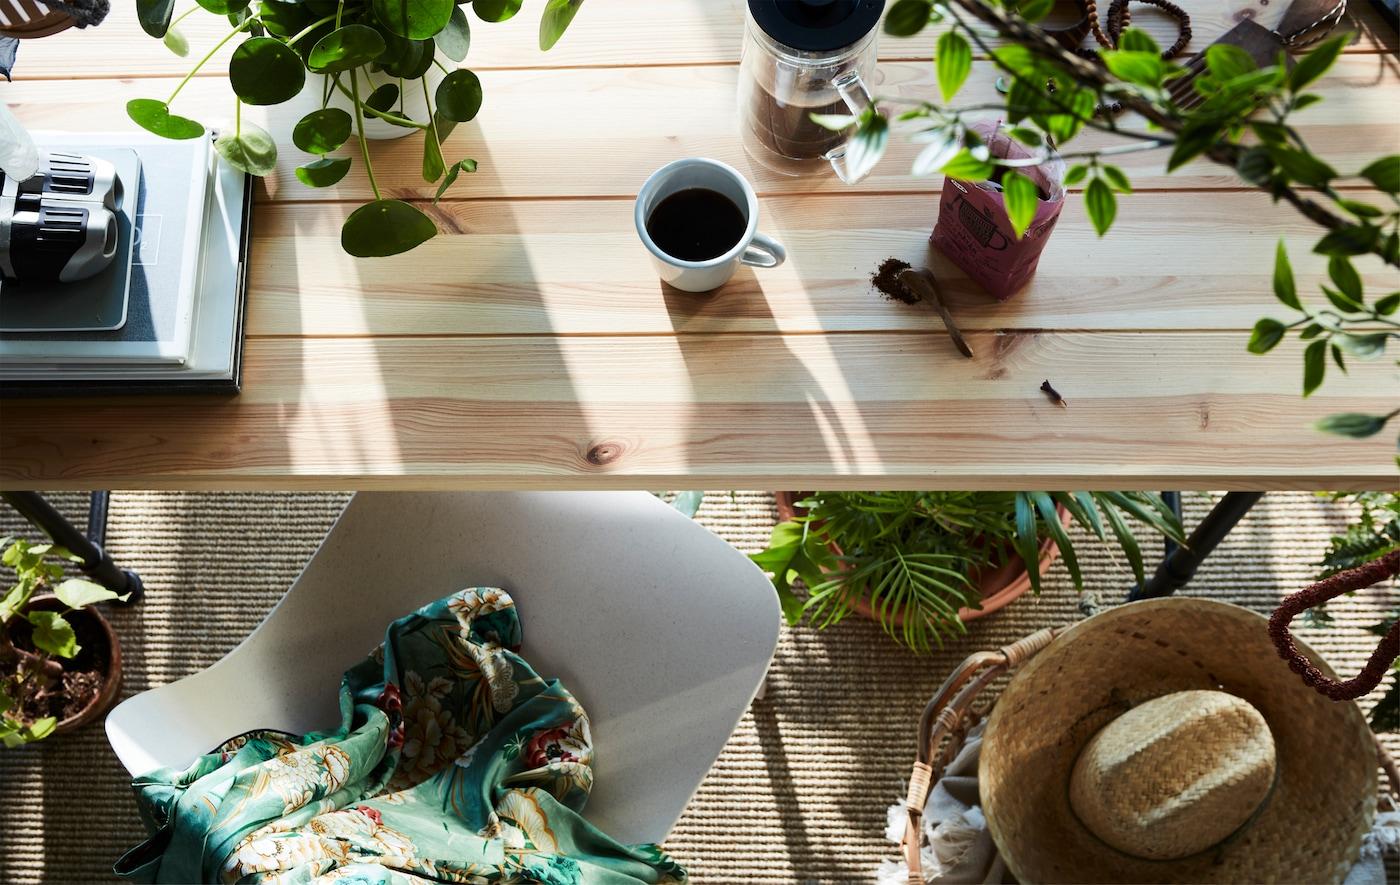 Una mesa de desayuno con muchas plantas reales y artificiales, como la planta artificial en maceta FEJKA.